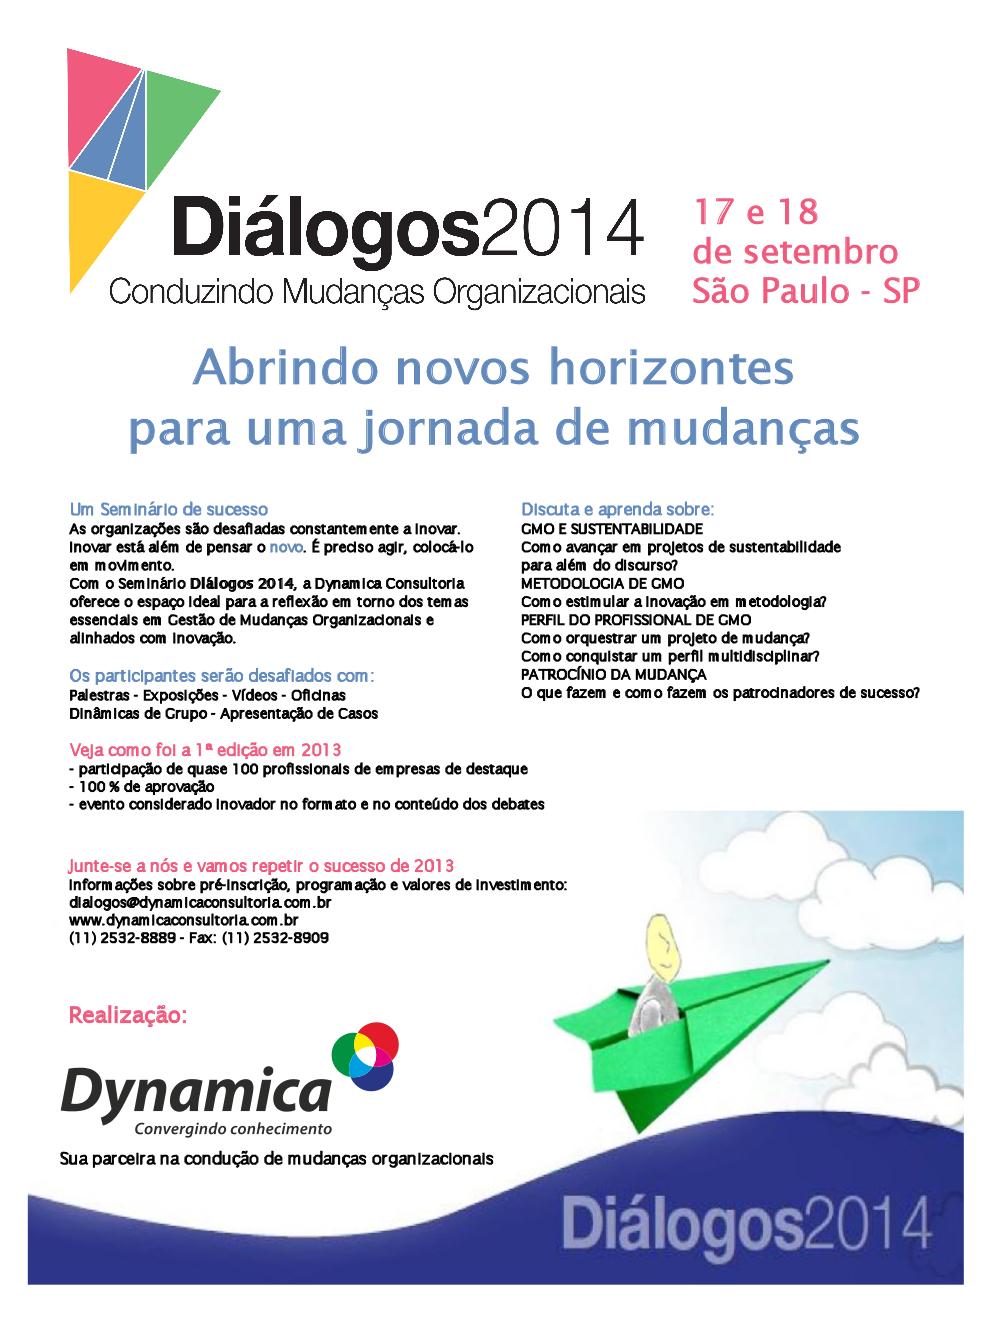 anunciodialogos2014